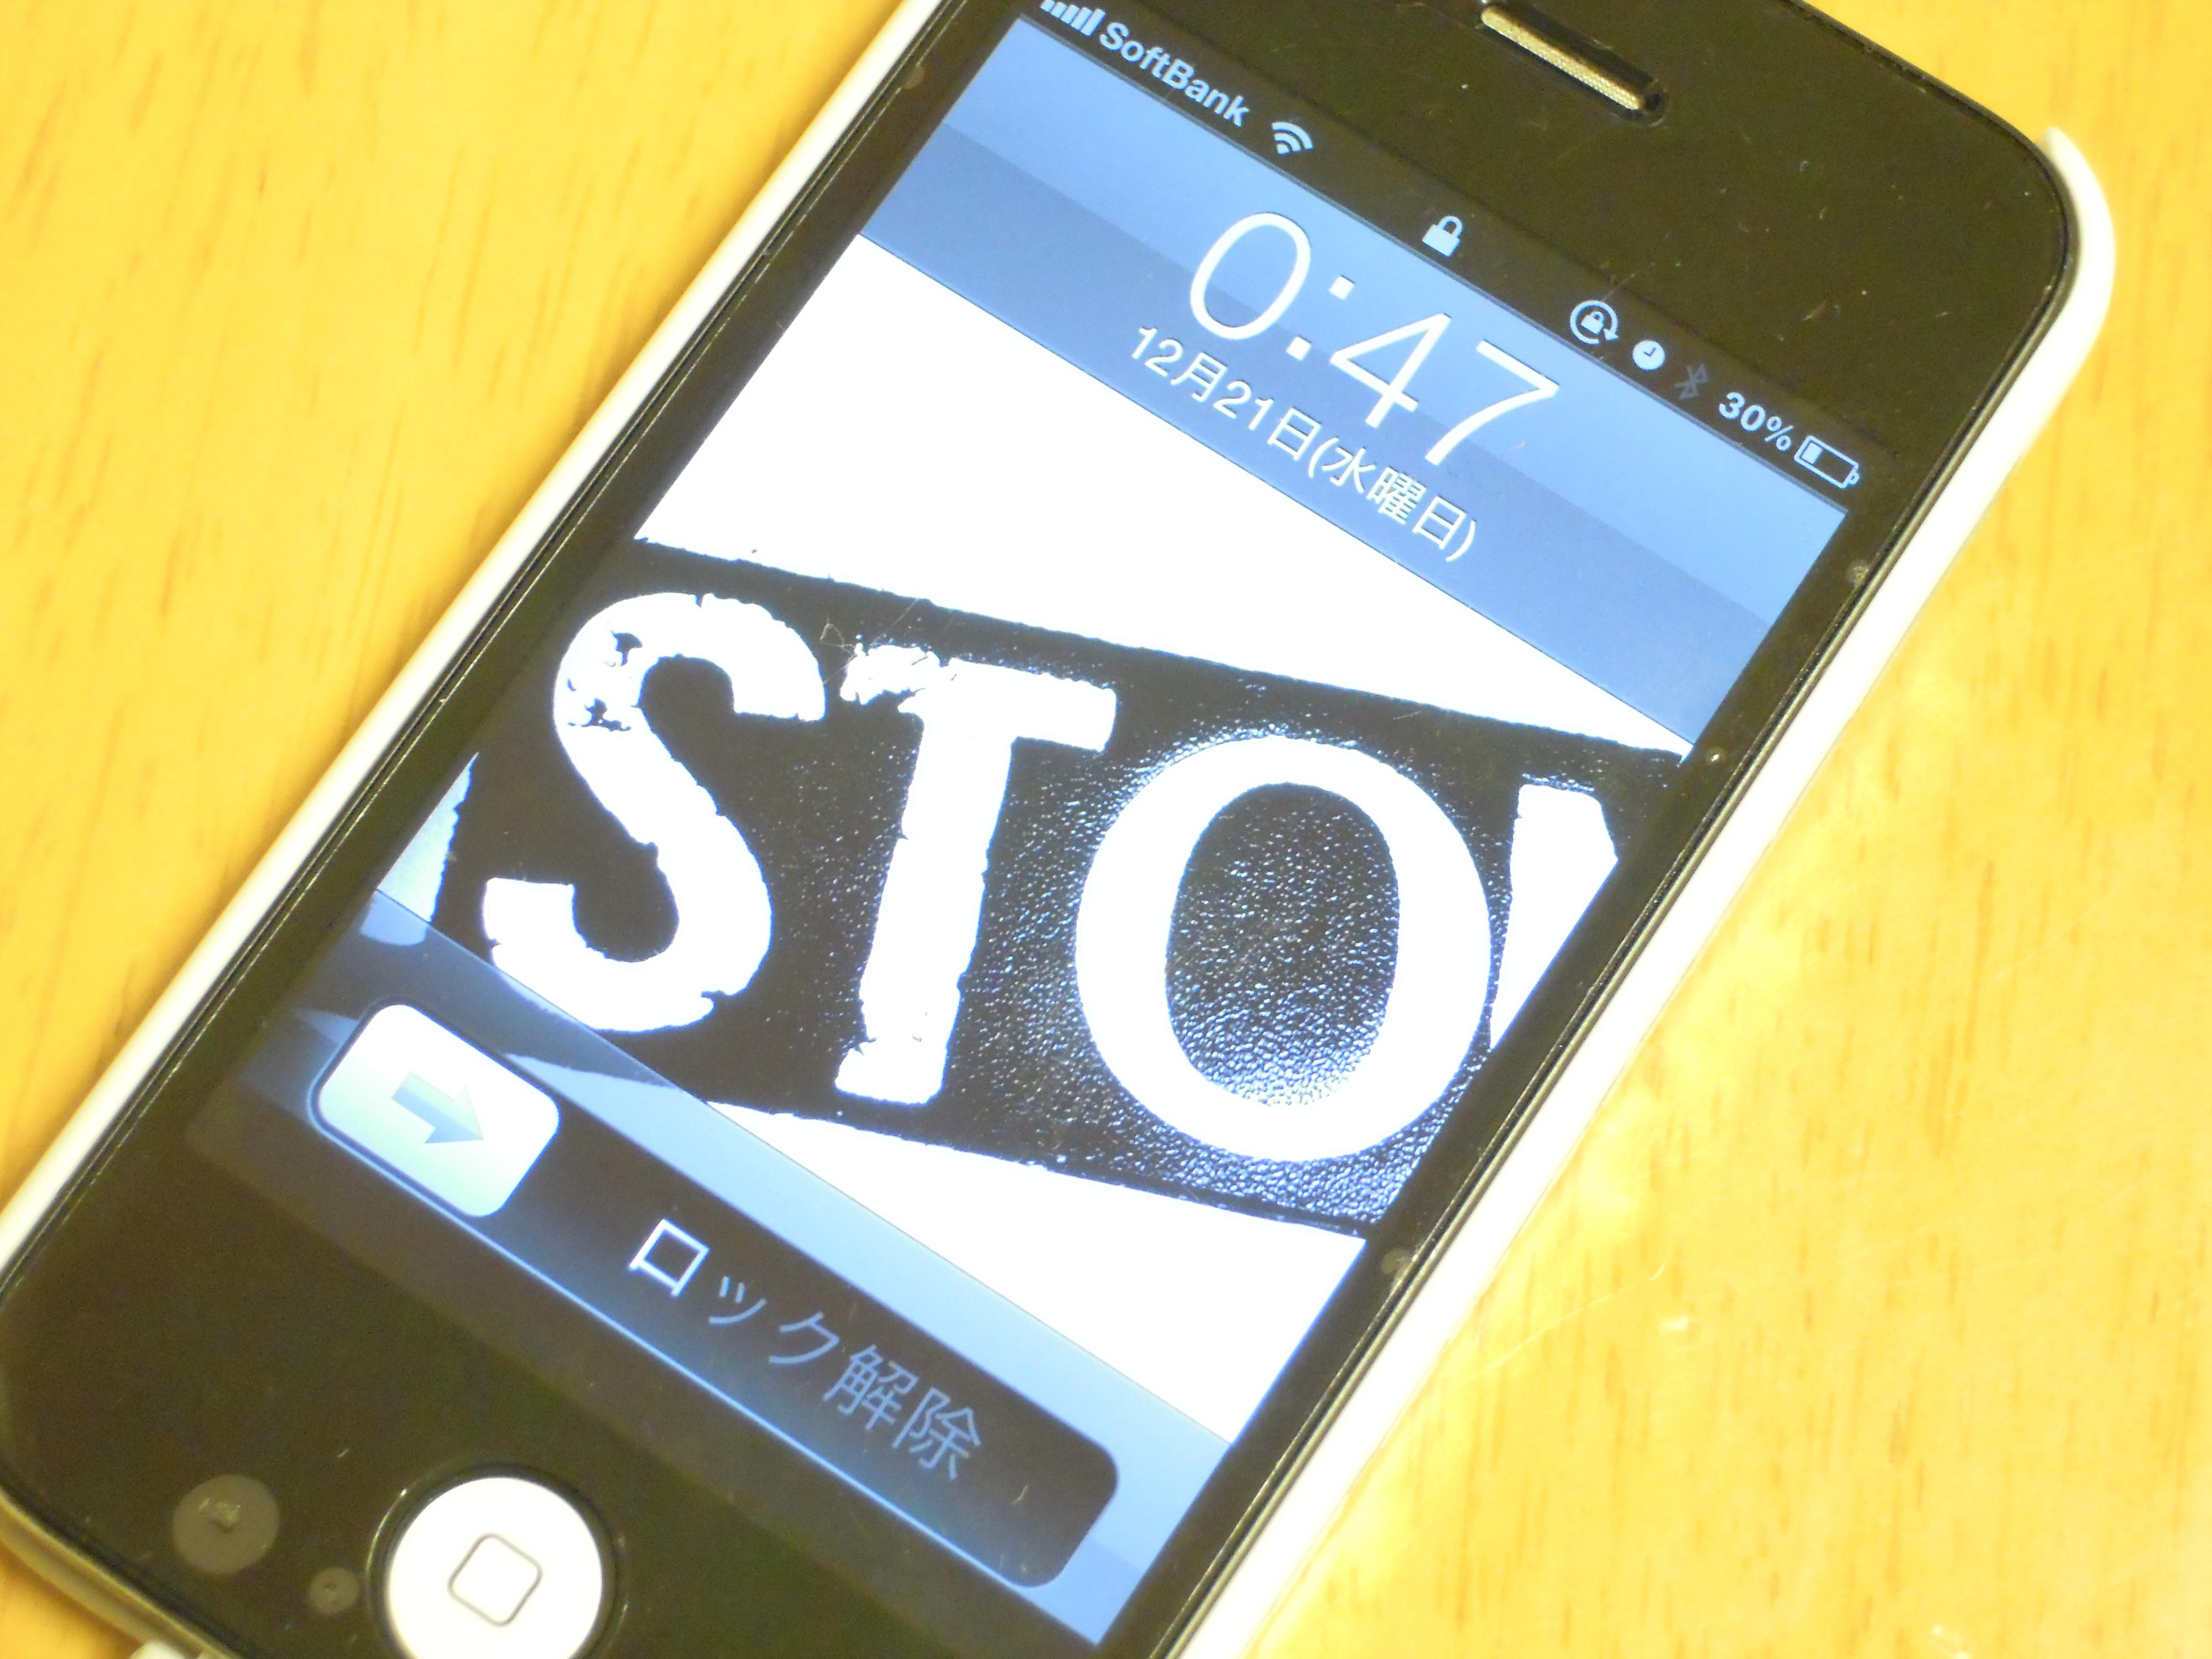 Volcom仕様 Iphoneケースをdiy 電磁波に撃たれて眠りたい